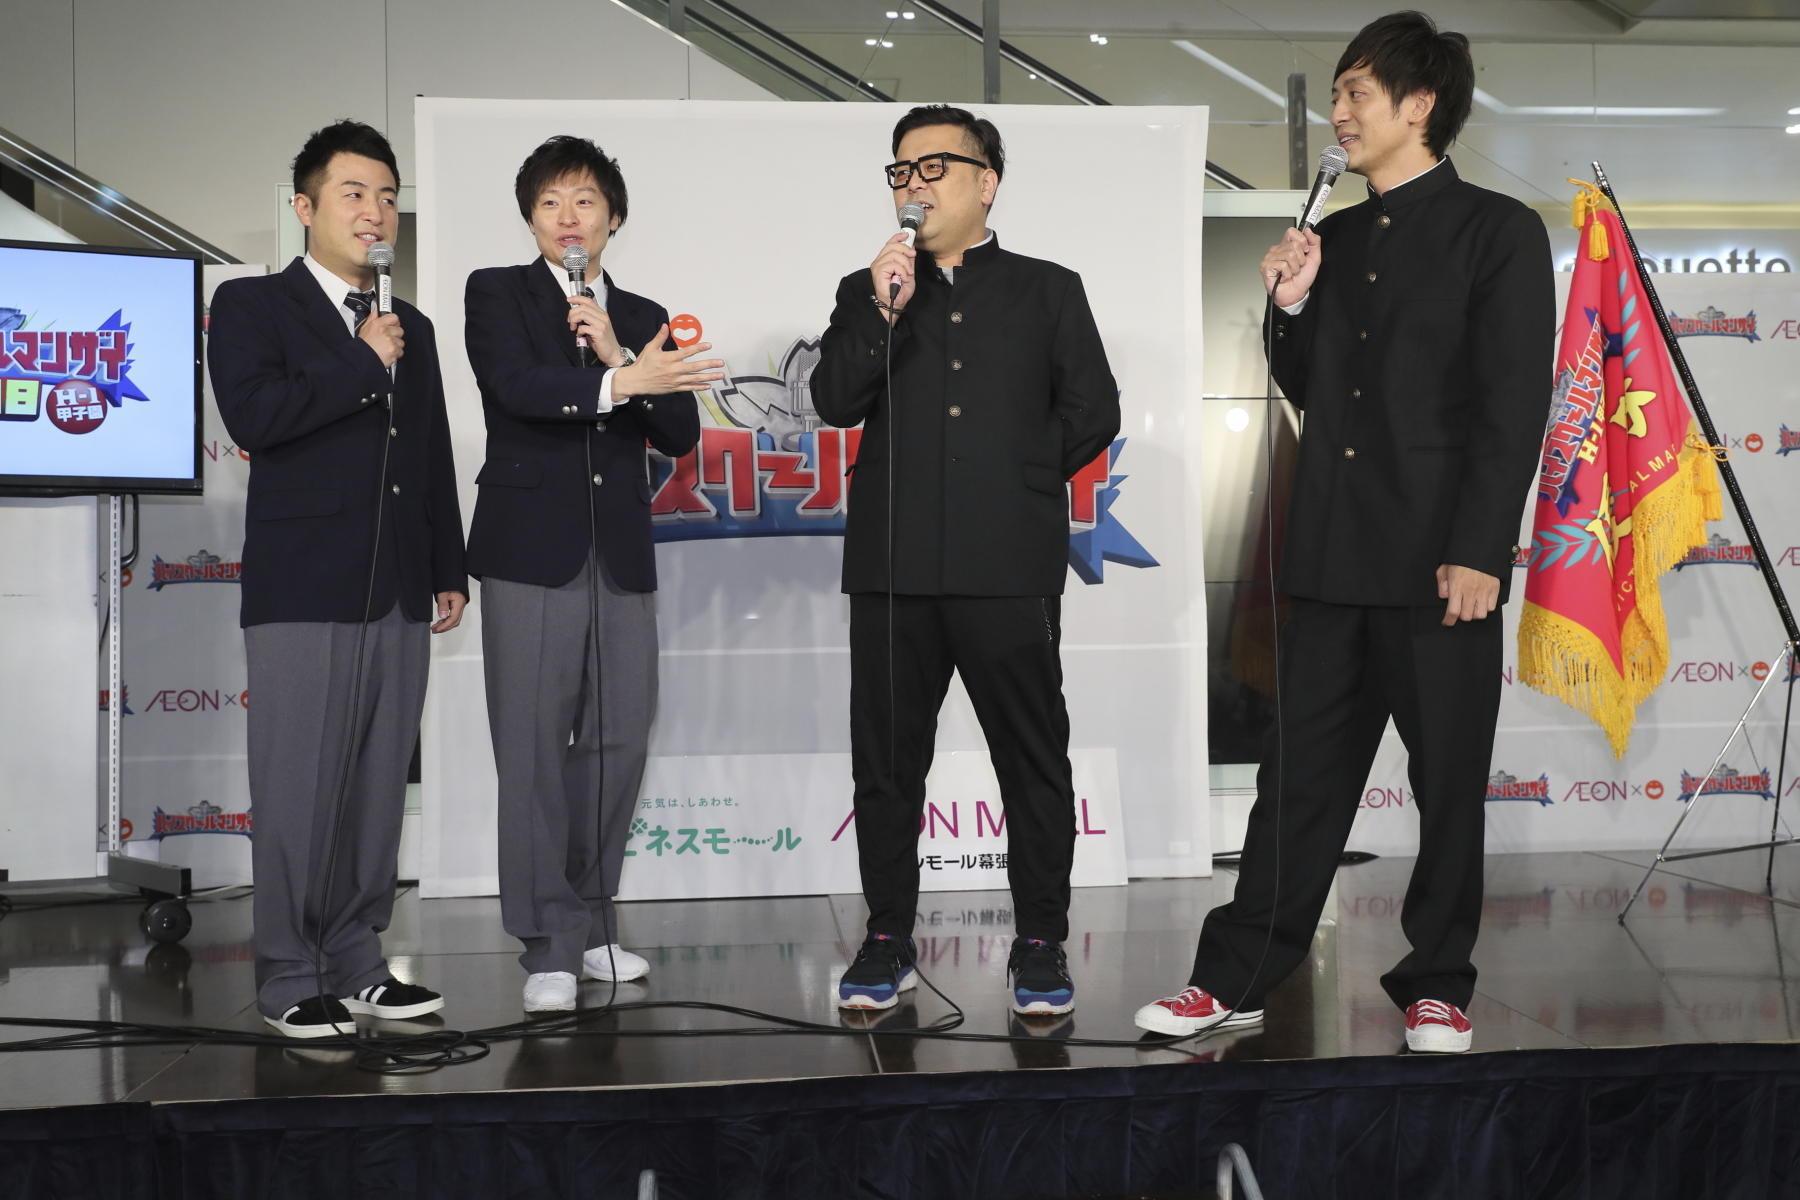 http://news.yoshimoto.co.jp/20180510215548-5f813c67ce5edf1744ec3d2bb3cbc28b8dd2acf9.jpg